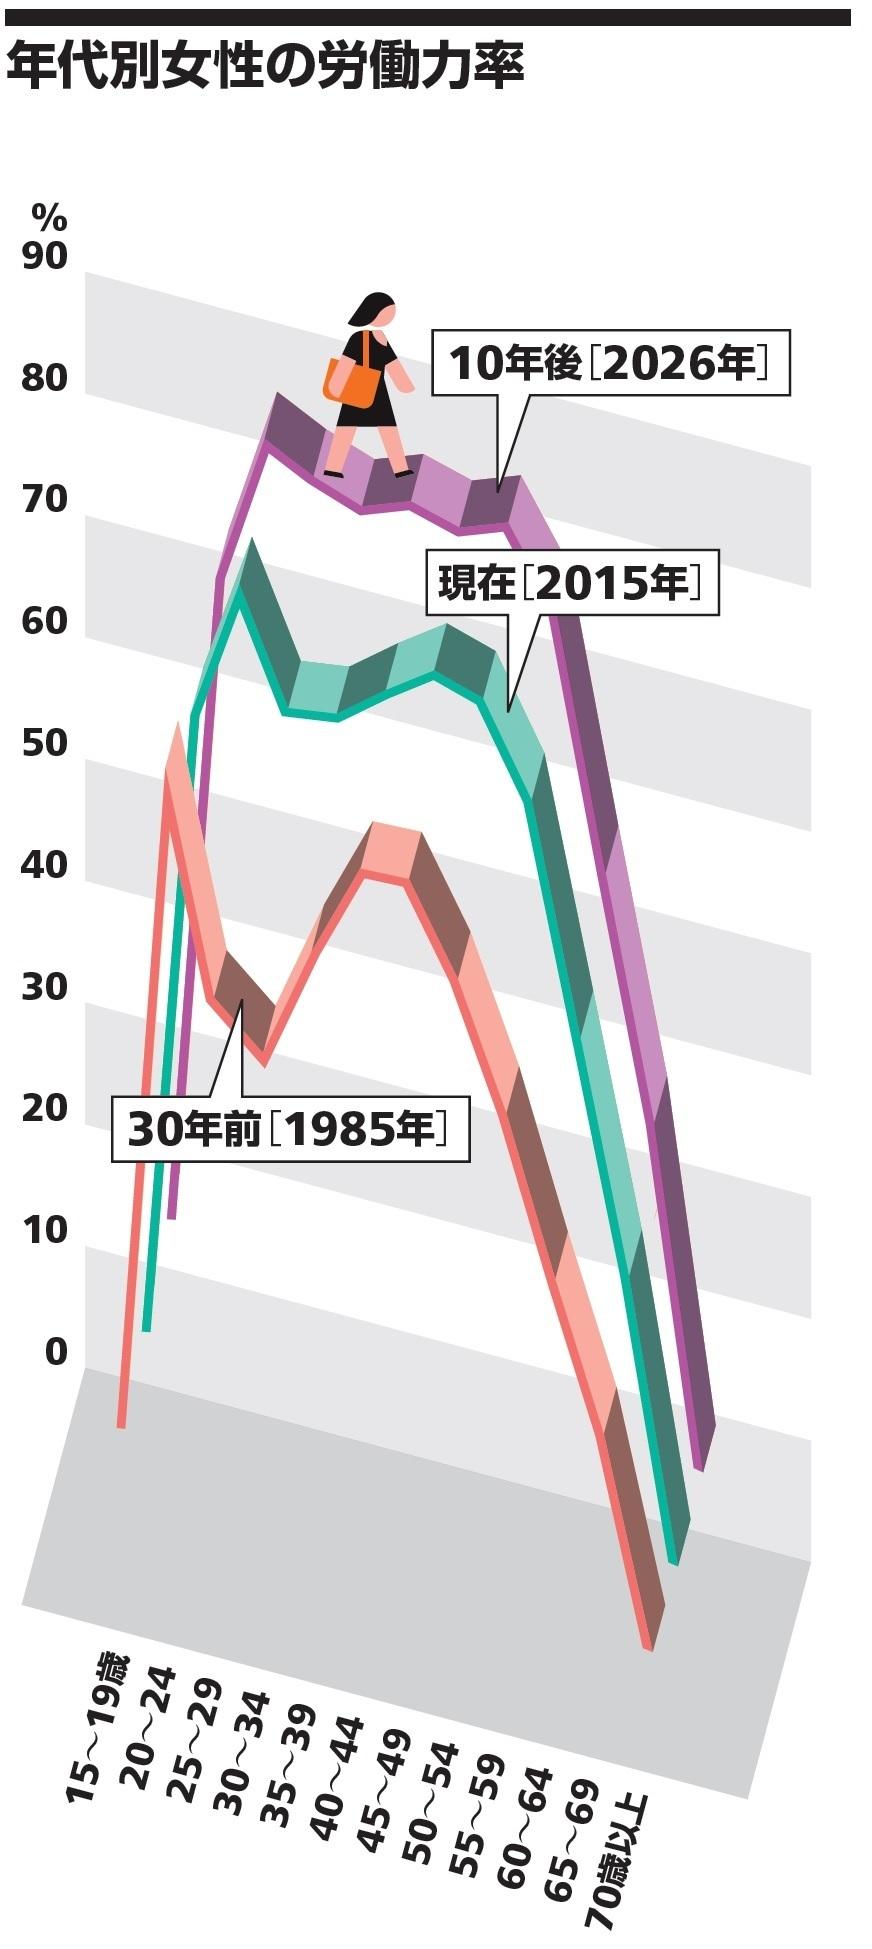 年代別女性の労働力率